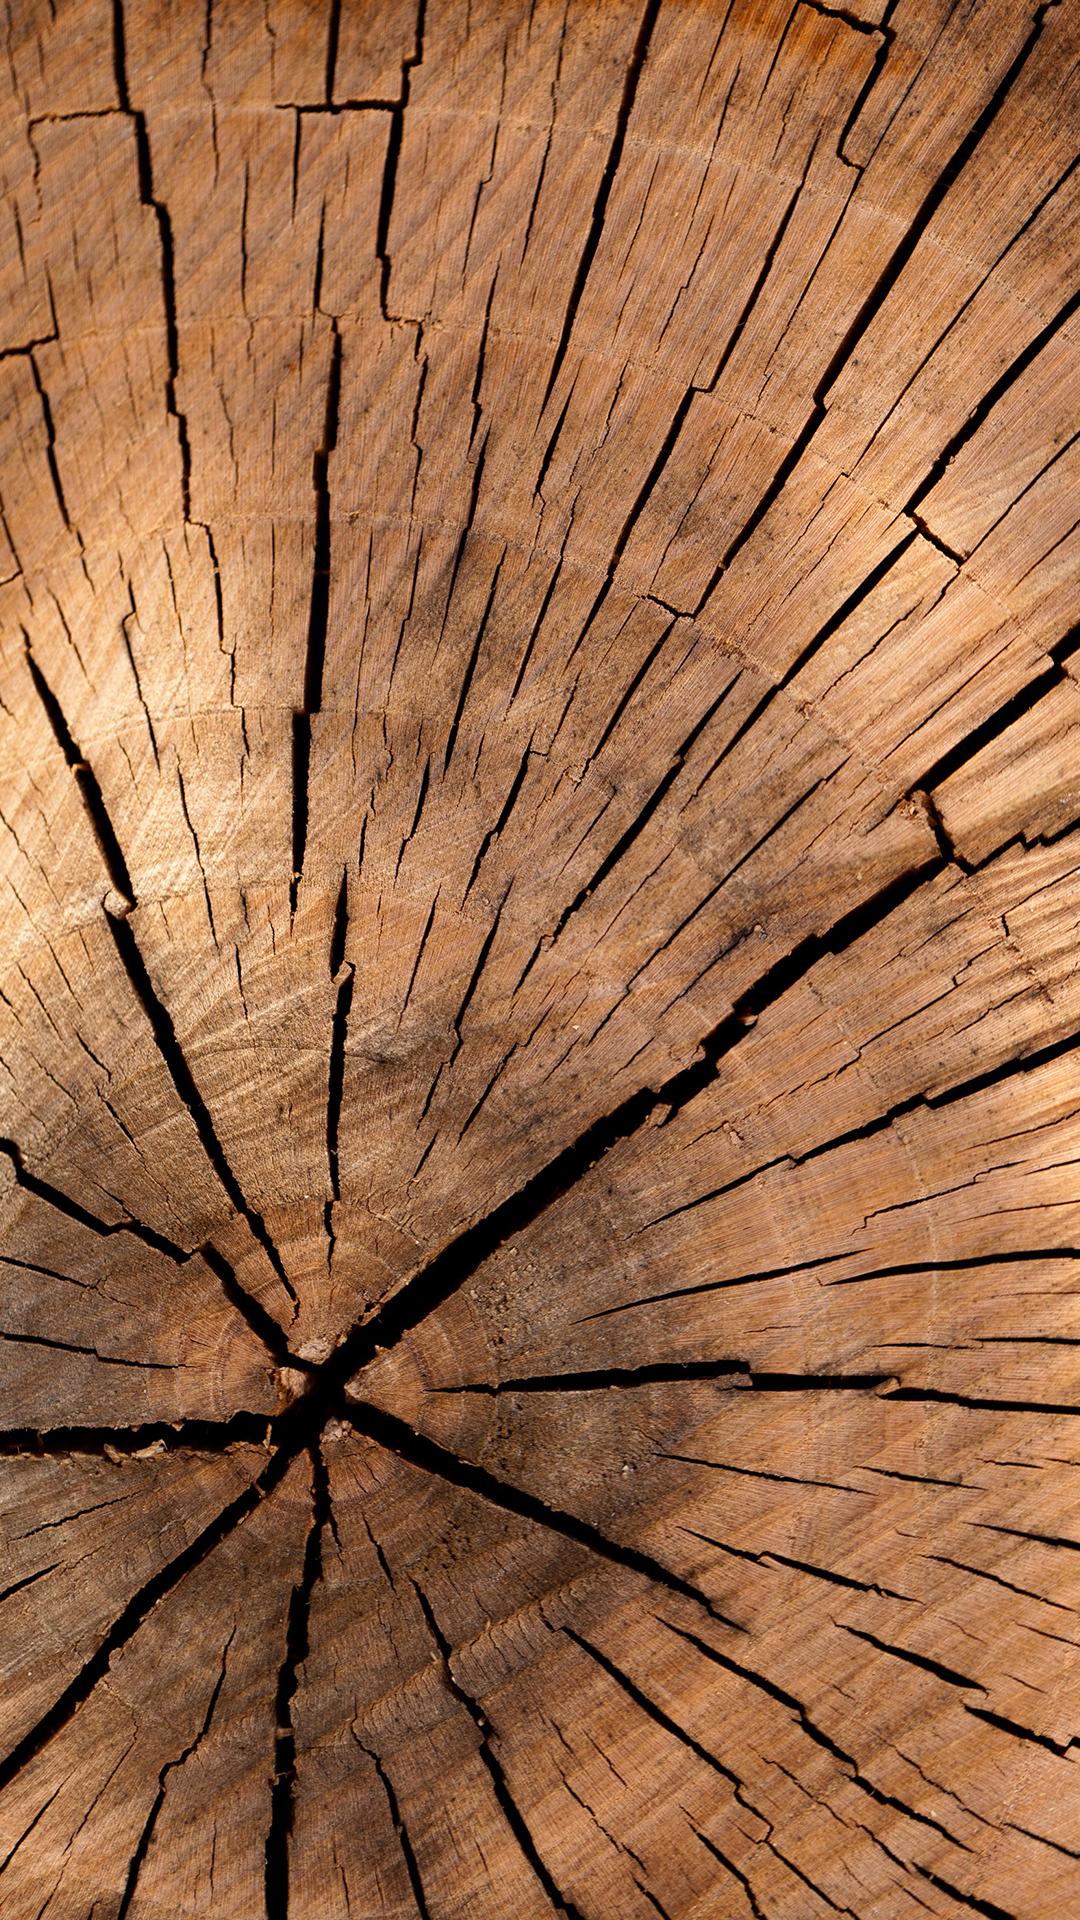 wood phone wallpaper  Free HD Natural Wood Phone Wallpaper...2247